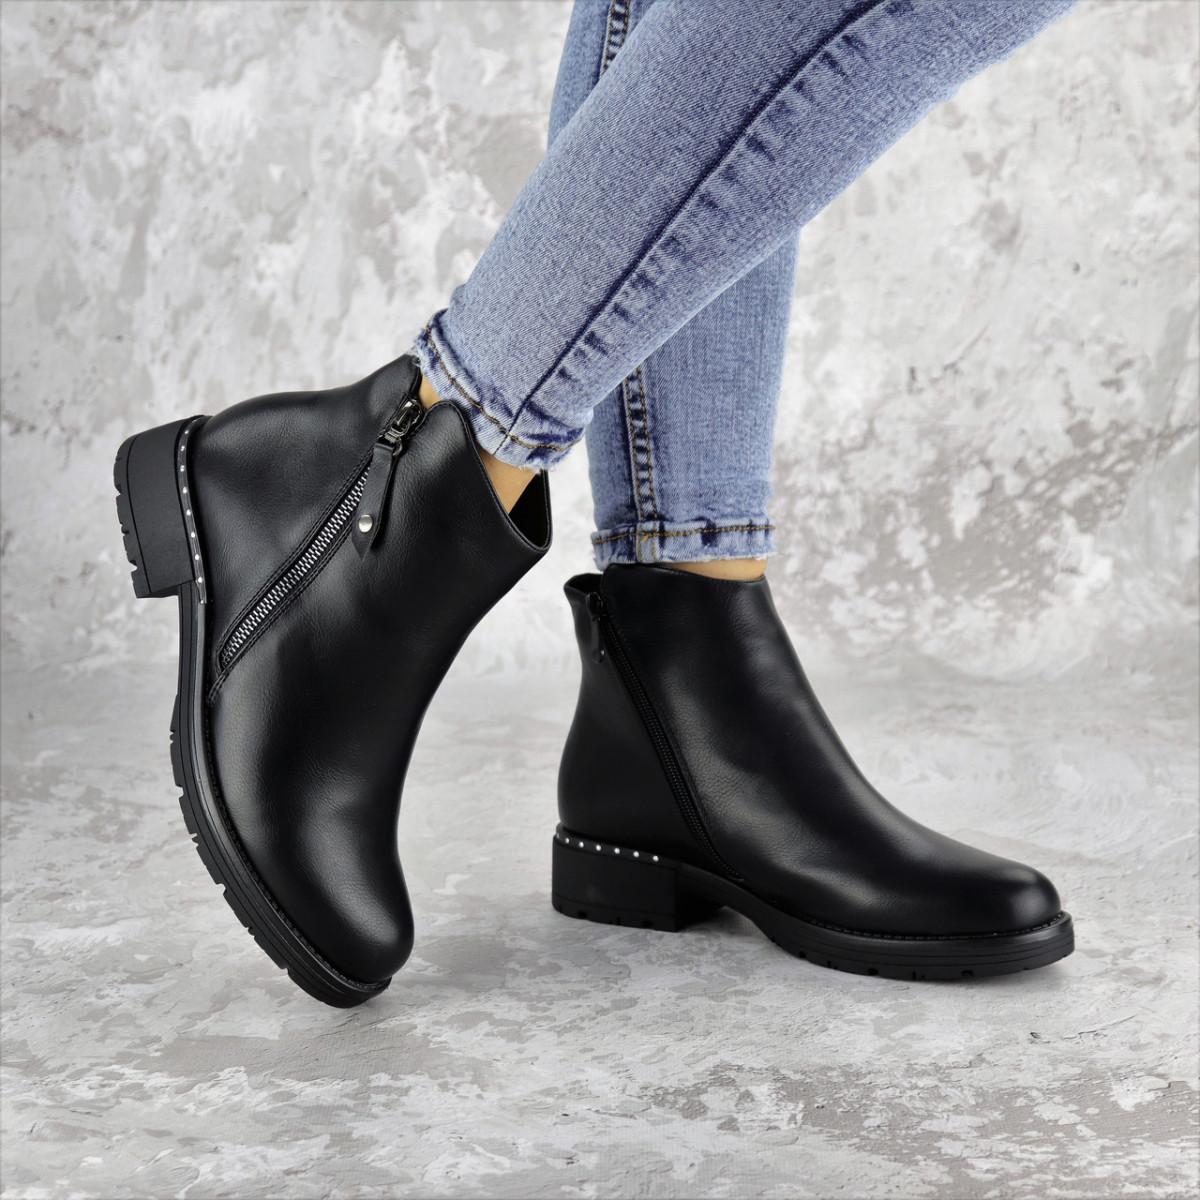 Ботинки женские зимние Fashion Jasper 2290 38 размер 24,5 см Черный